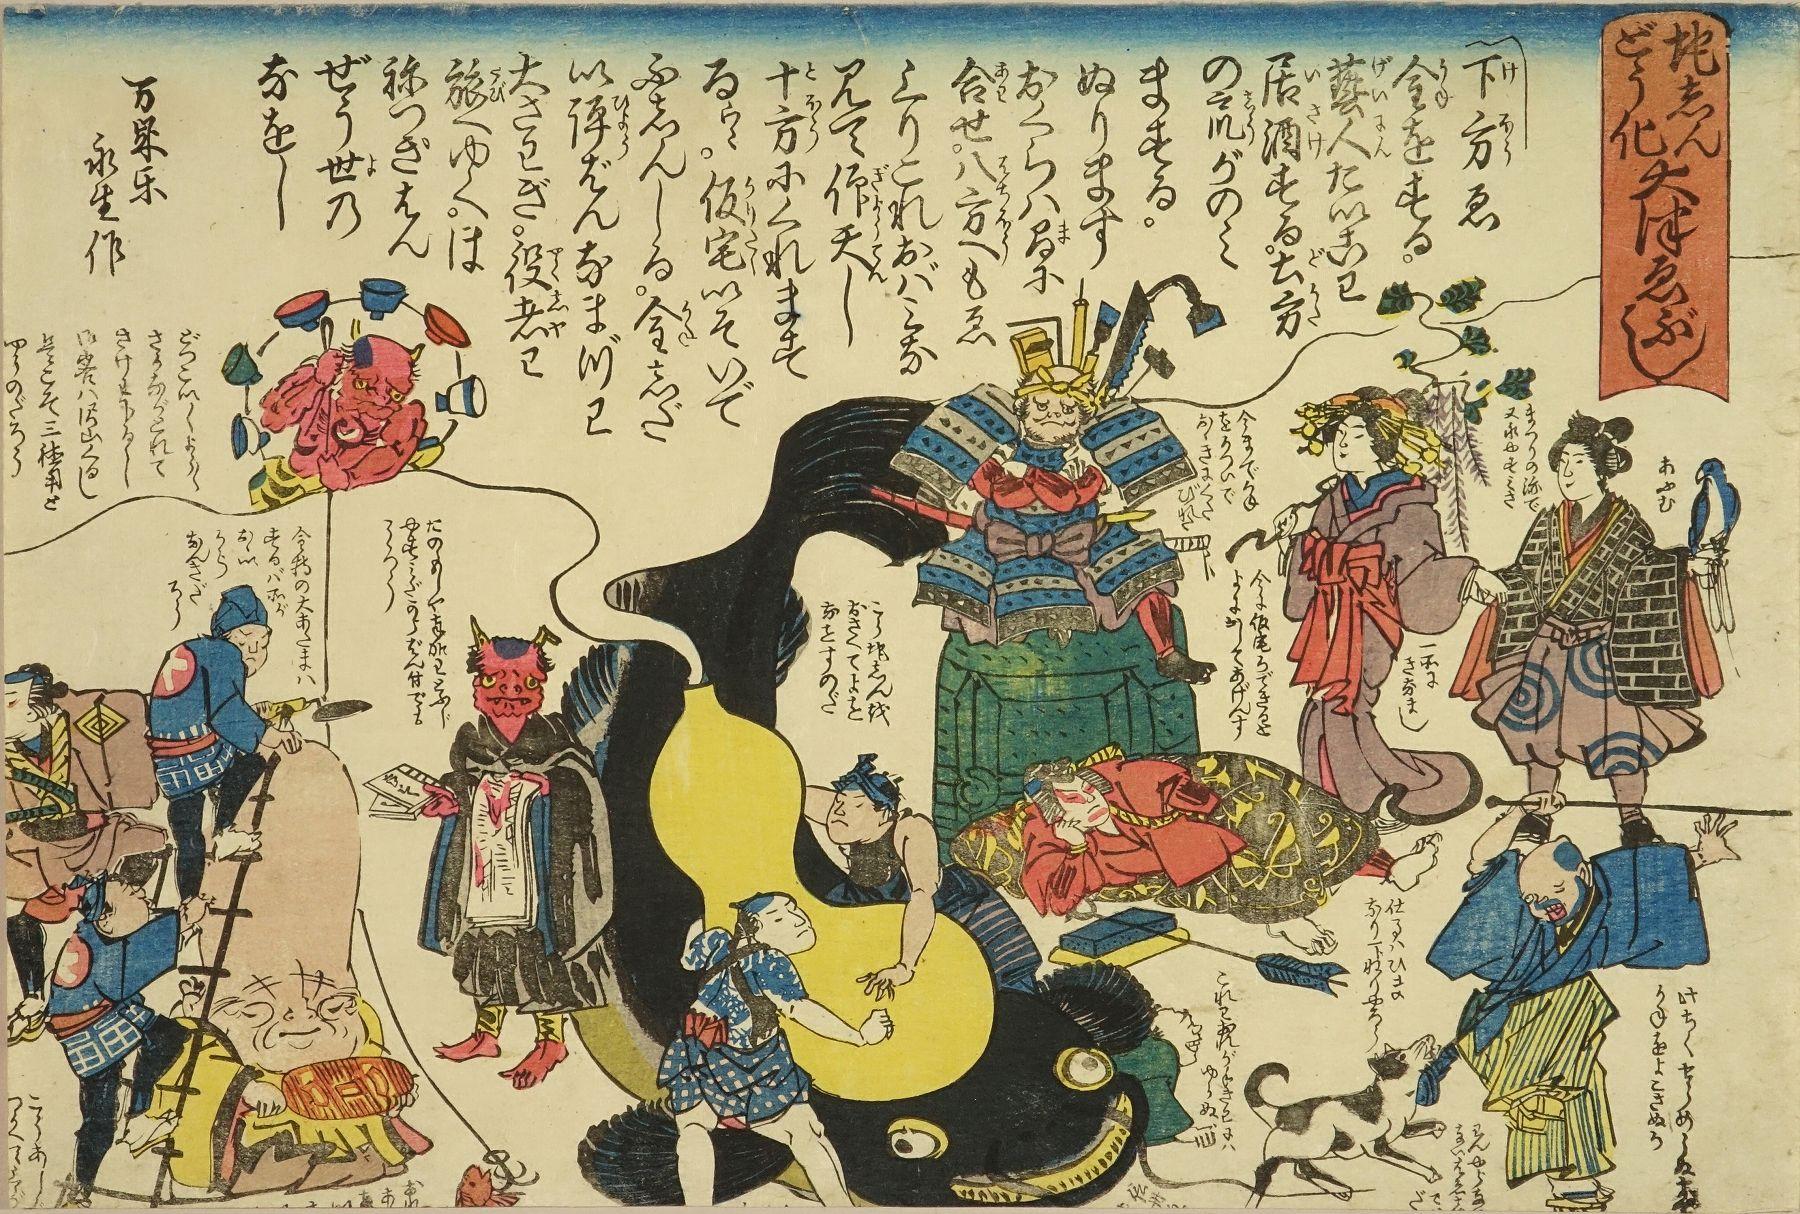 UNSIGNED <i>Namazu-e</i> (Catfish picture or earthquake picture)